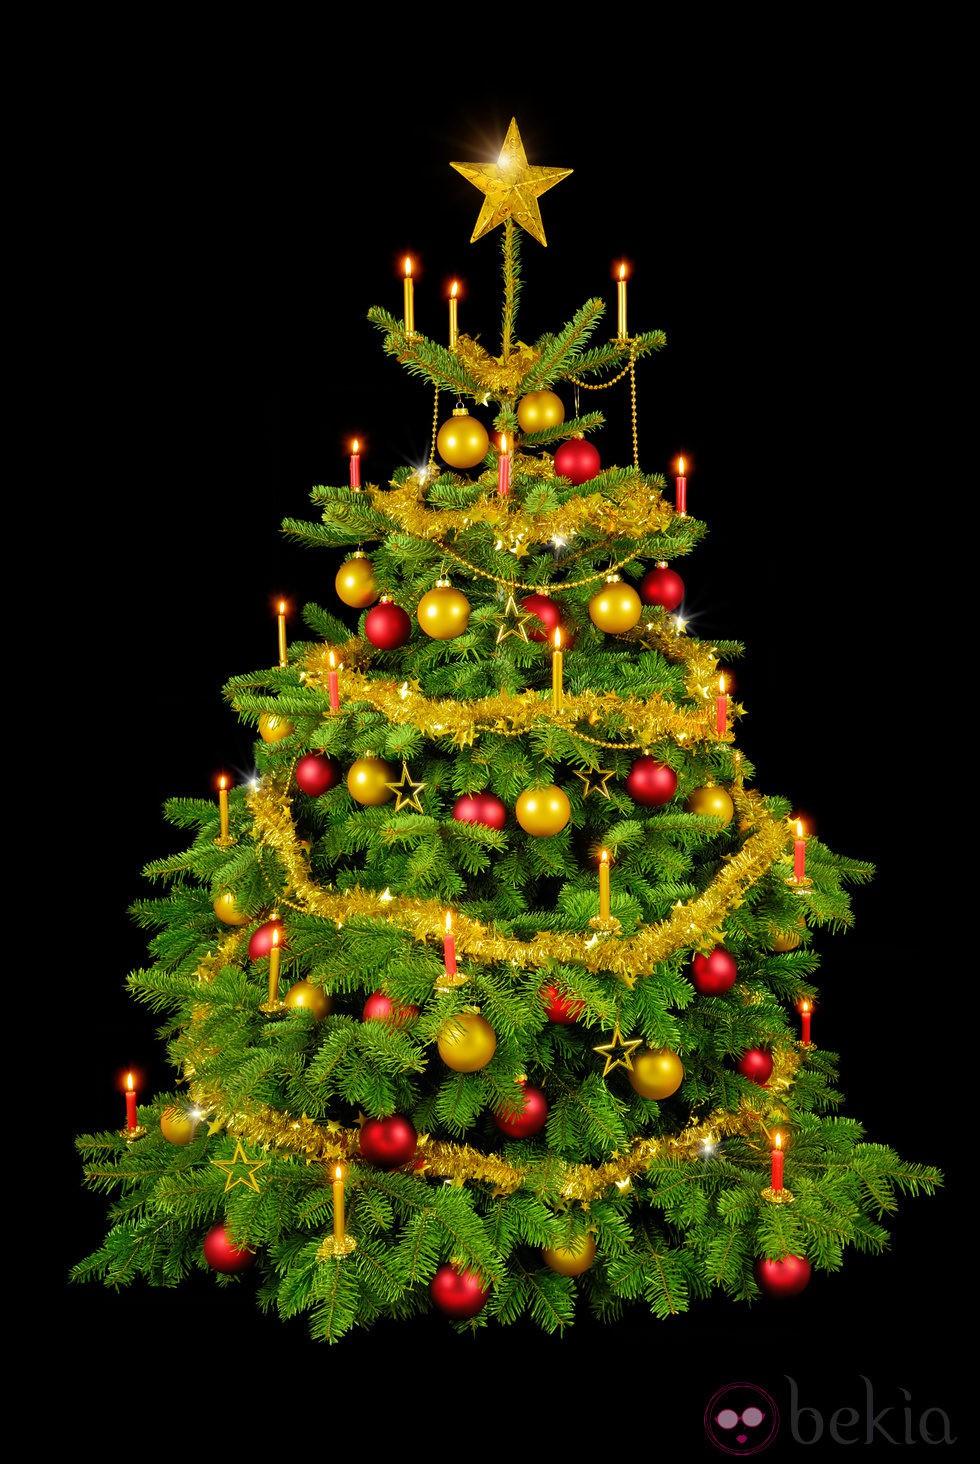 Rbol de navidad decorado con adornos dorados y rojos - Cintas arbol navidad ...